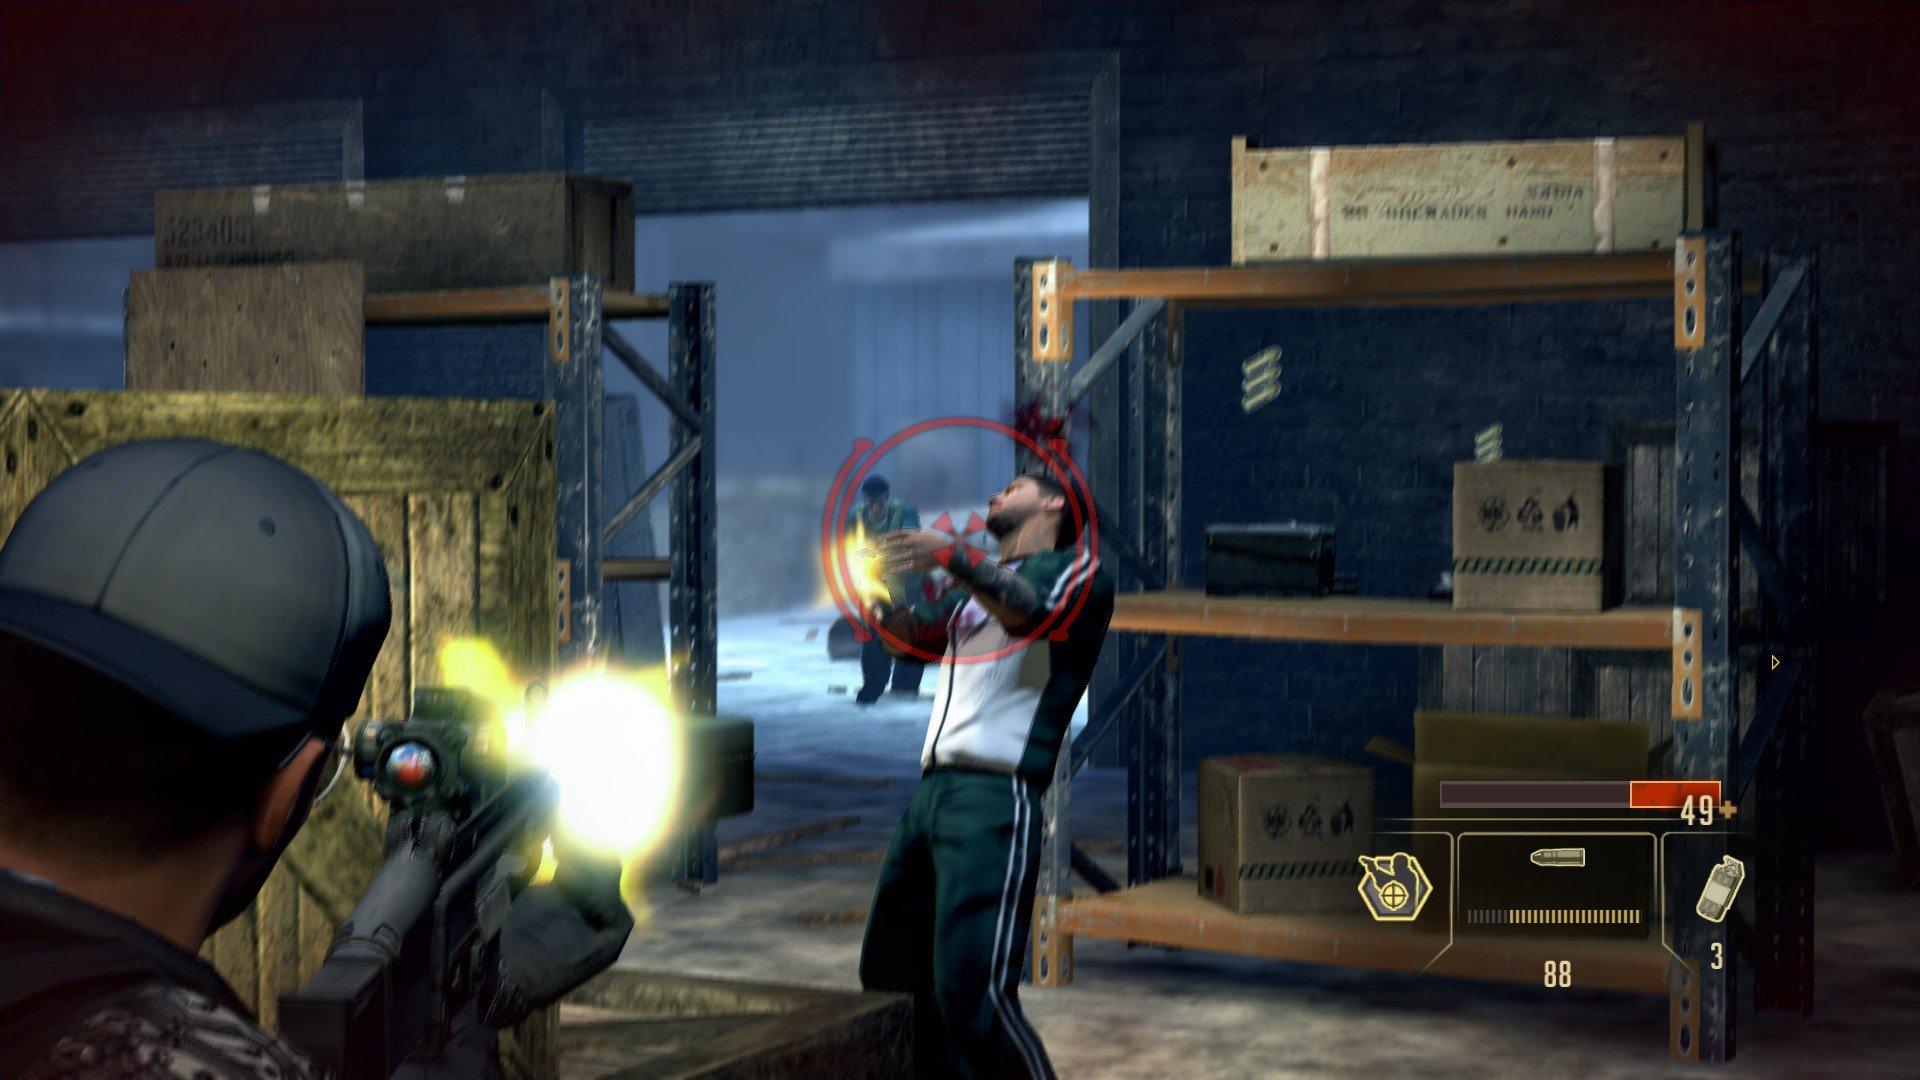 Вспоминая старые игры: Alpha Protocol. - Изображение 7